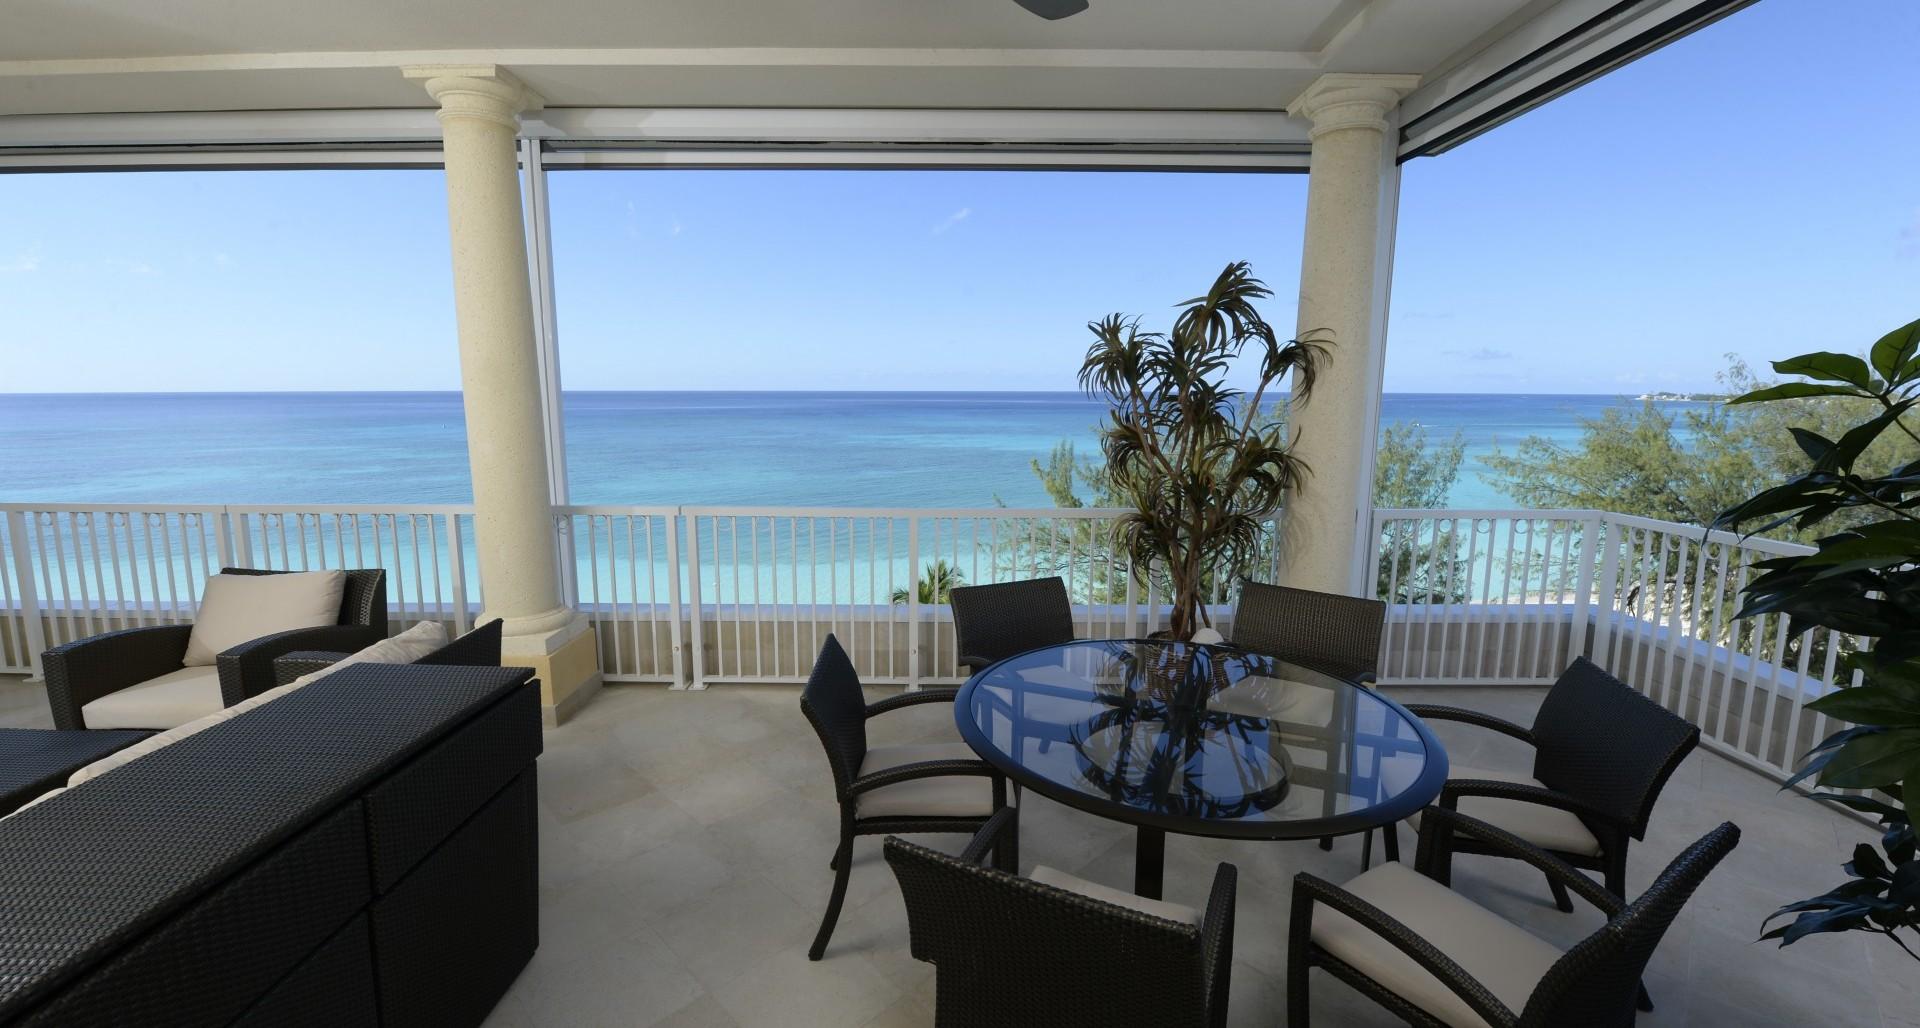 Renaissance Penthouse Seven Mile Beach